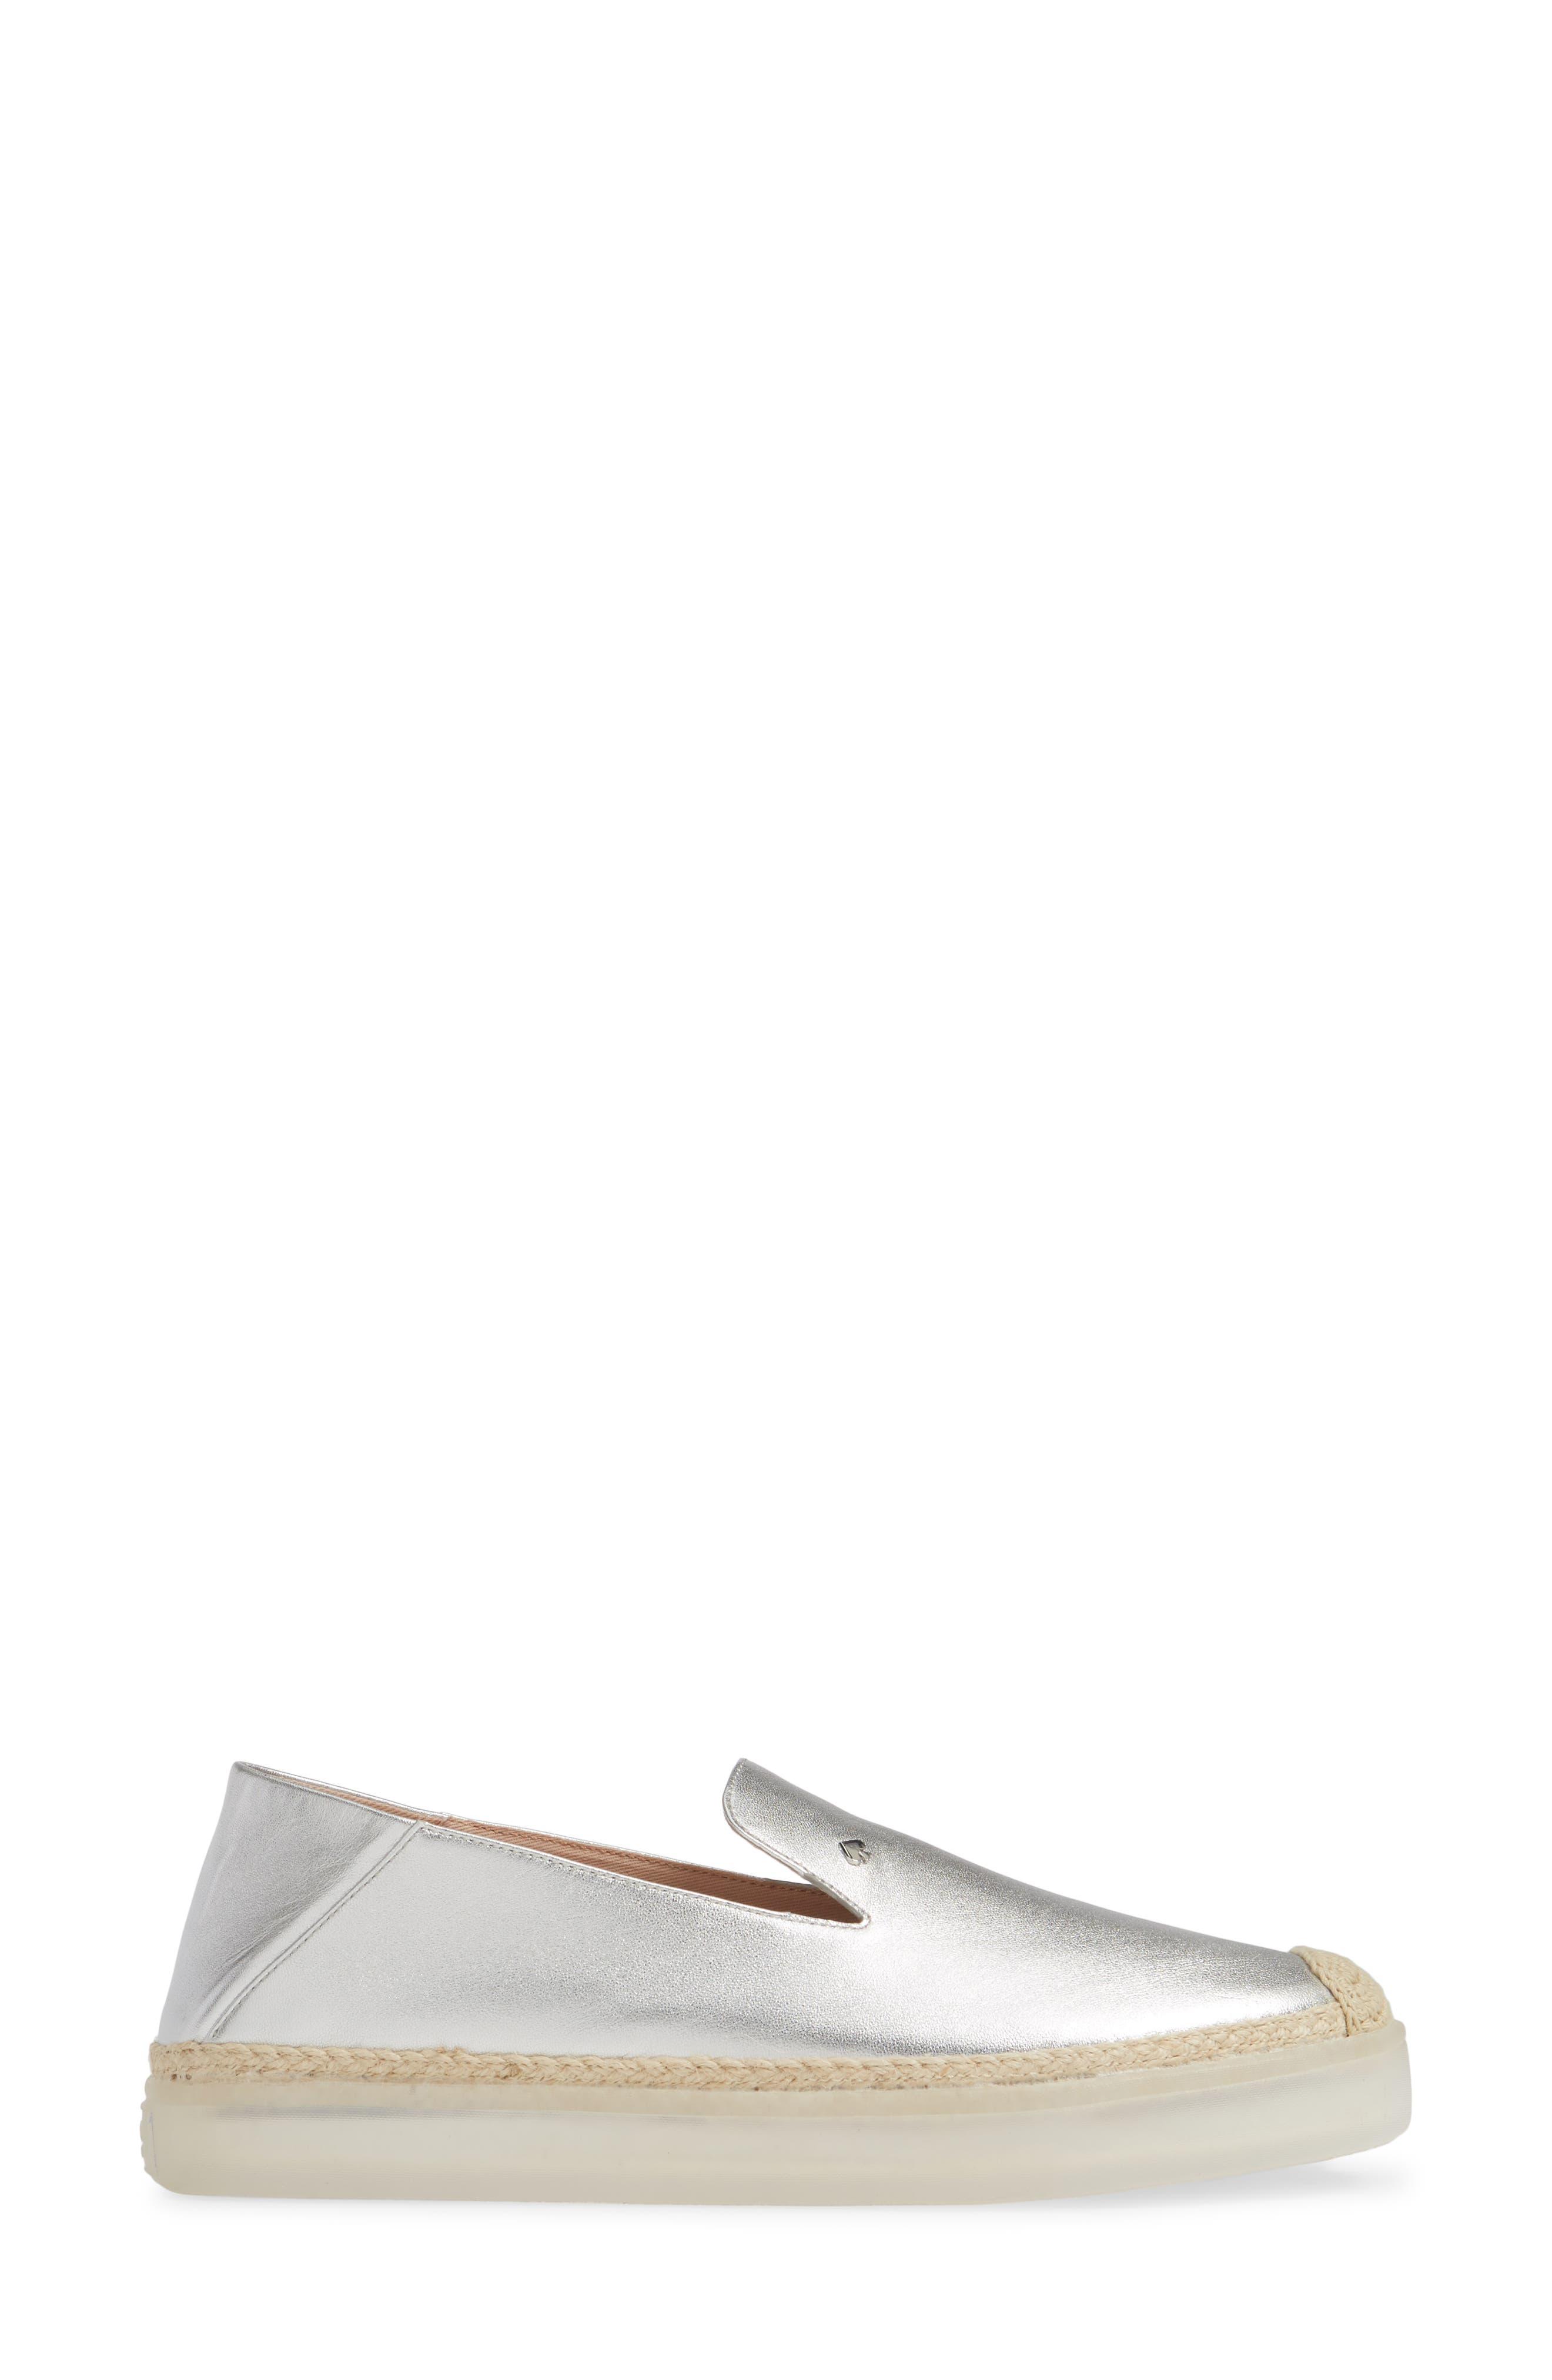 lisa slip-on sneaker,                             Alternate thumbnail 2, color,                             SILVER